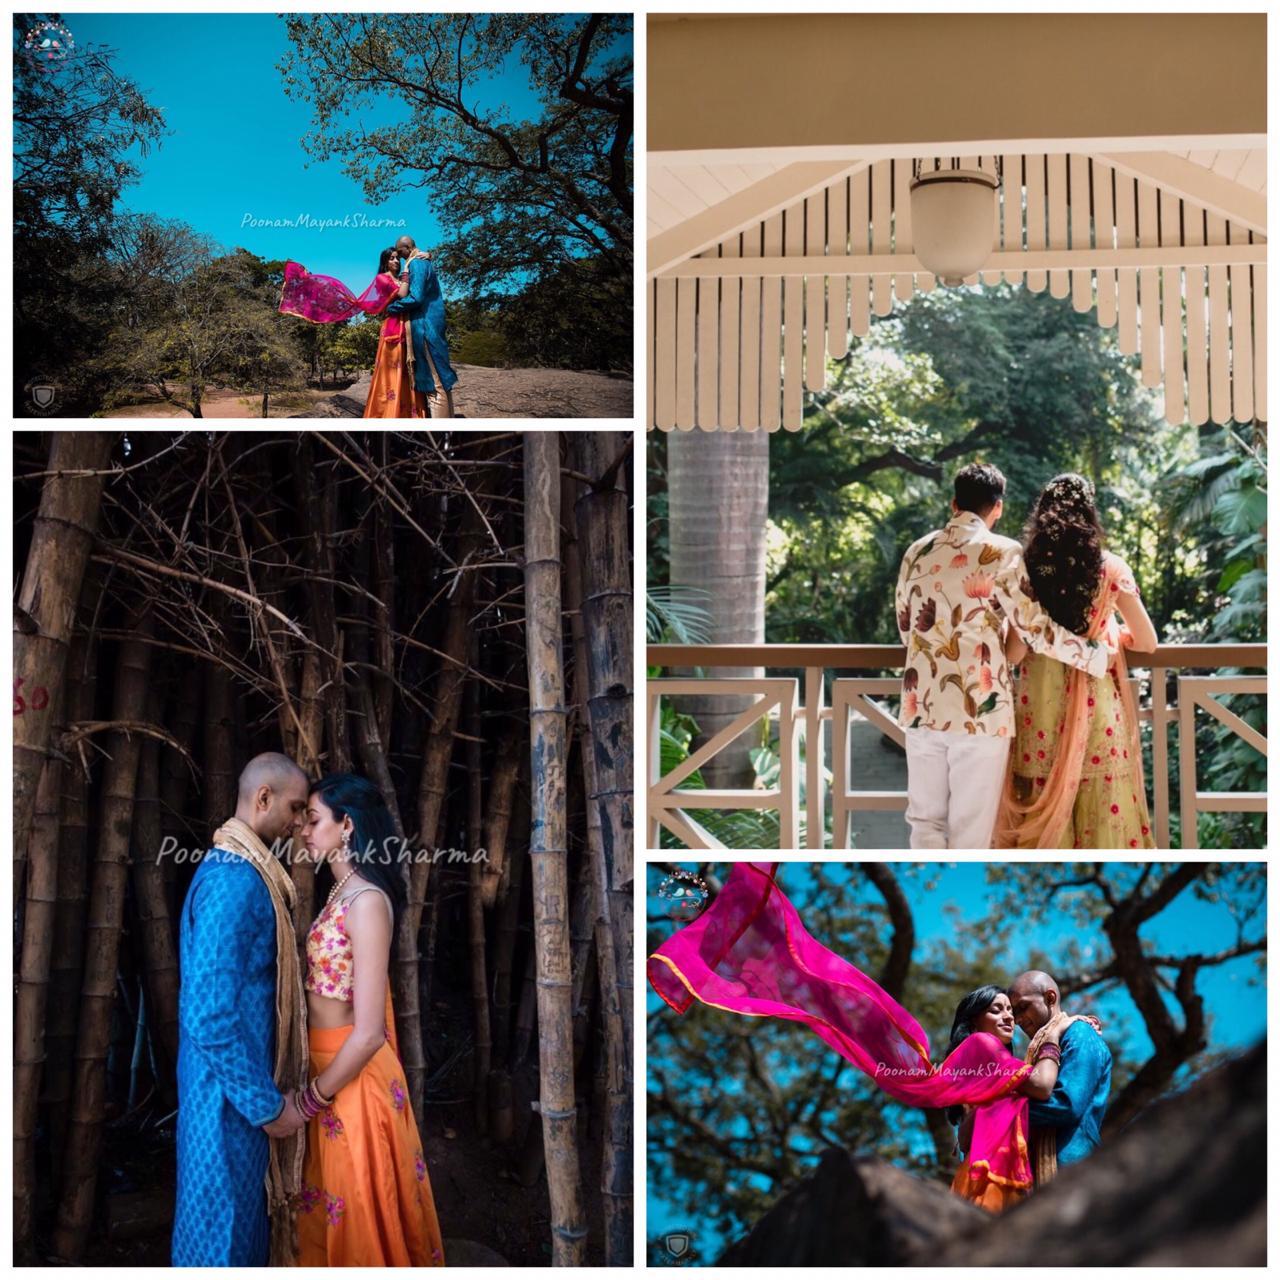 Wedding Organiser - poonam mayank sharma